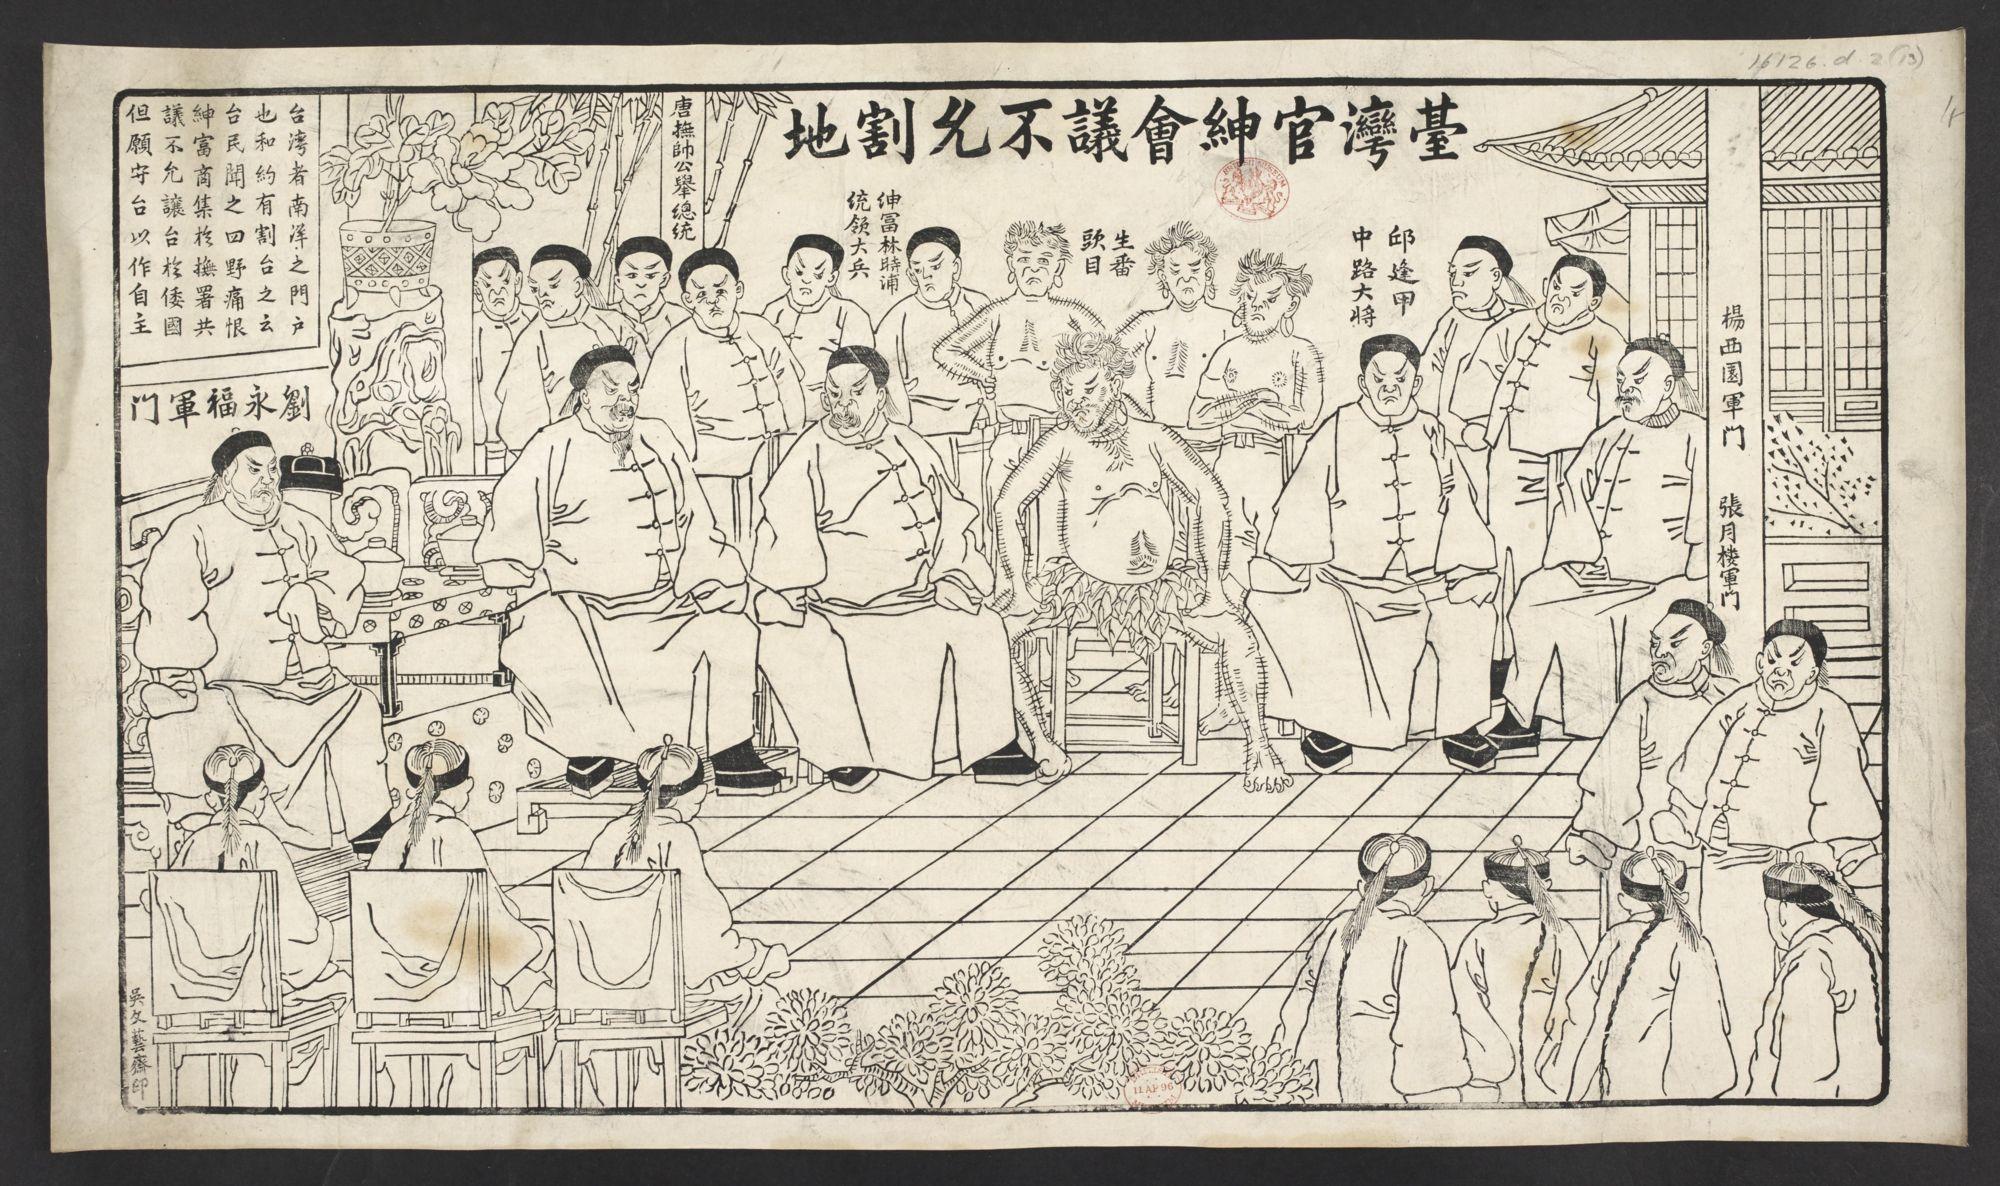 Taiwan guan shen hui yi bu yun ge di